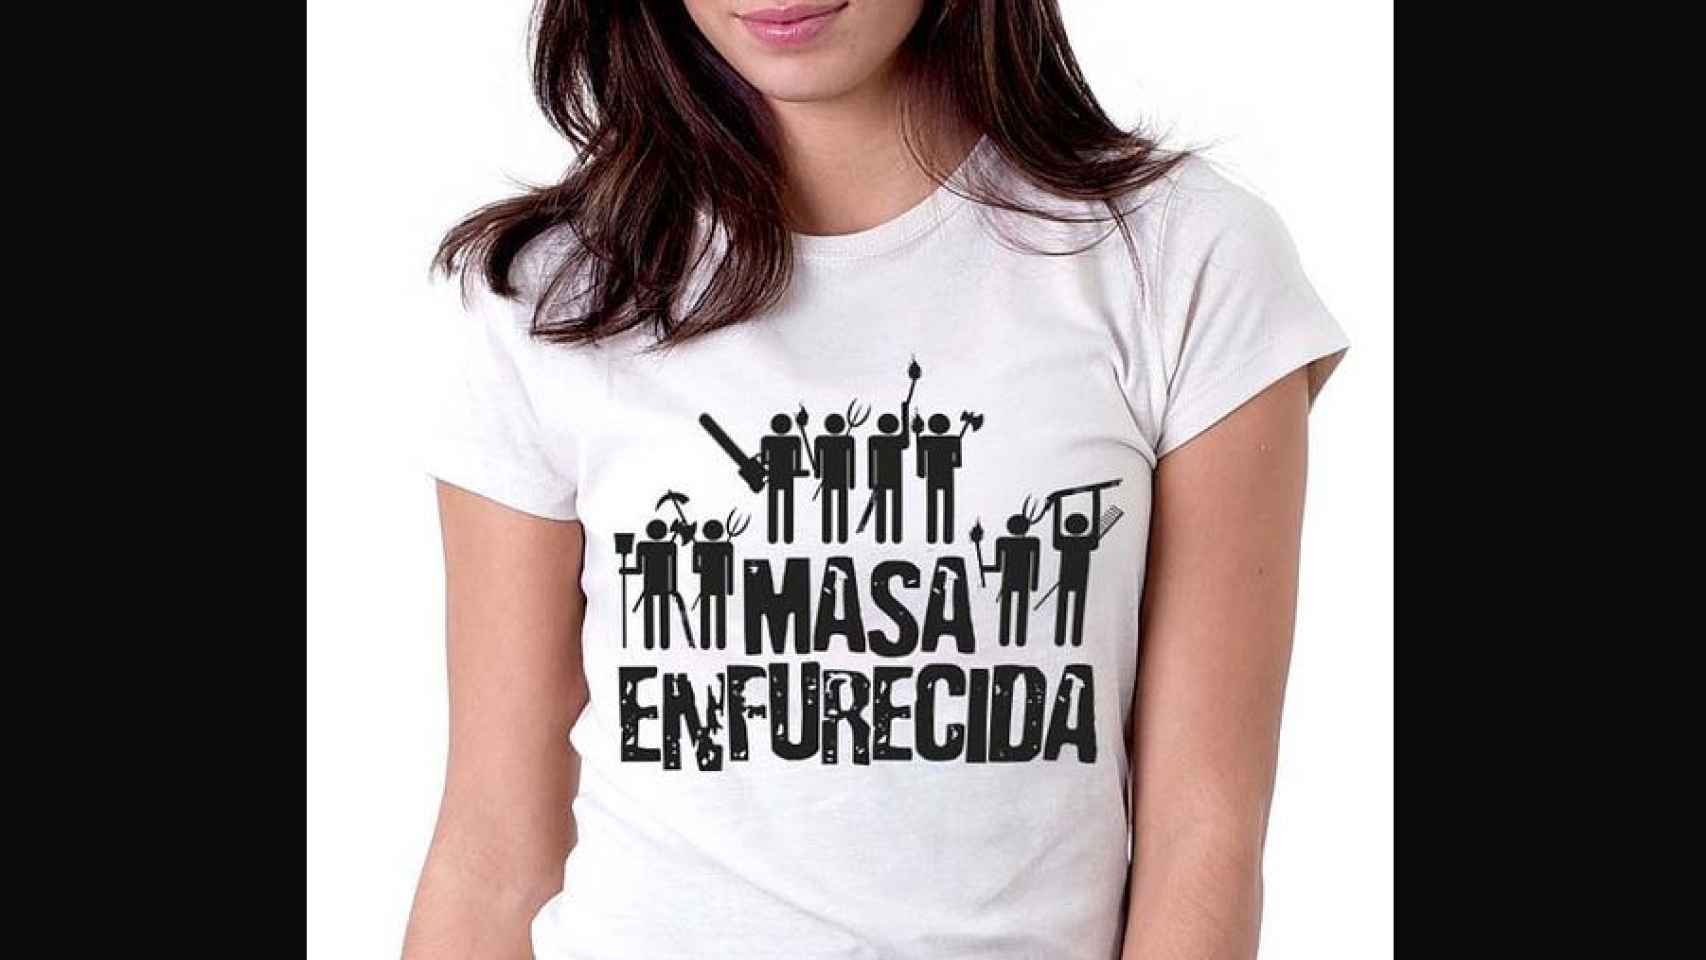 Hubo una época en la que se veían camisetas de Masa Enfurecida en Malasaña.